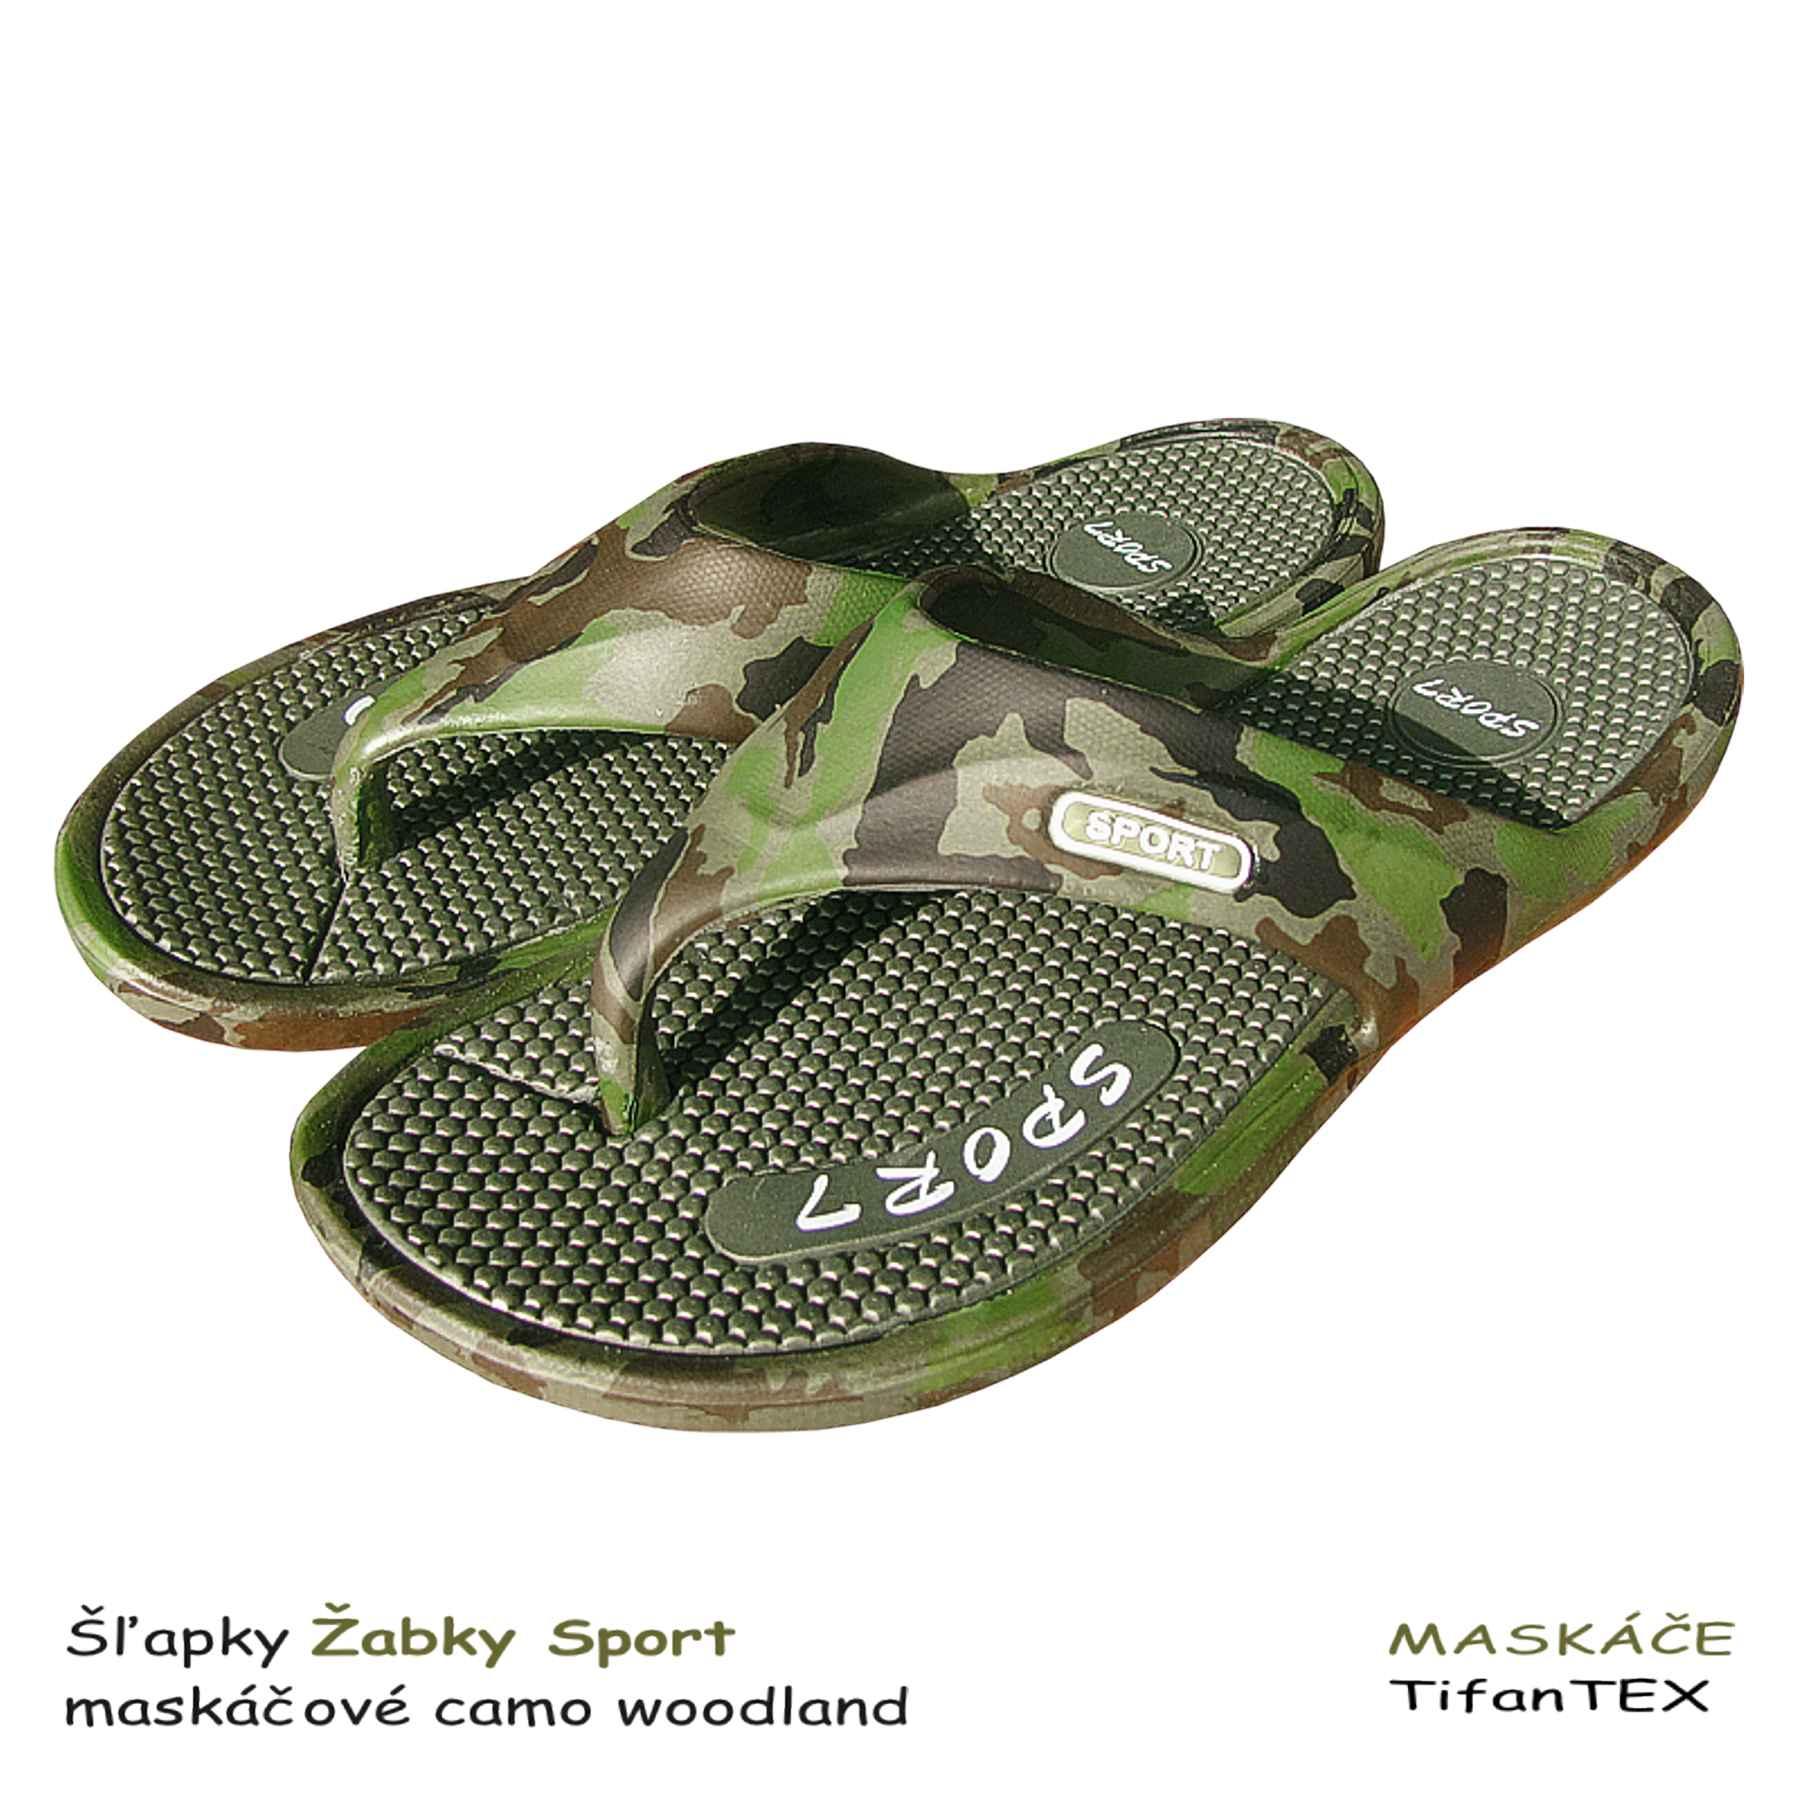 9f2d1df773 Šľapky Žabky Sport maskáčové woodland - TifanTEX obuv veľkosklad